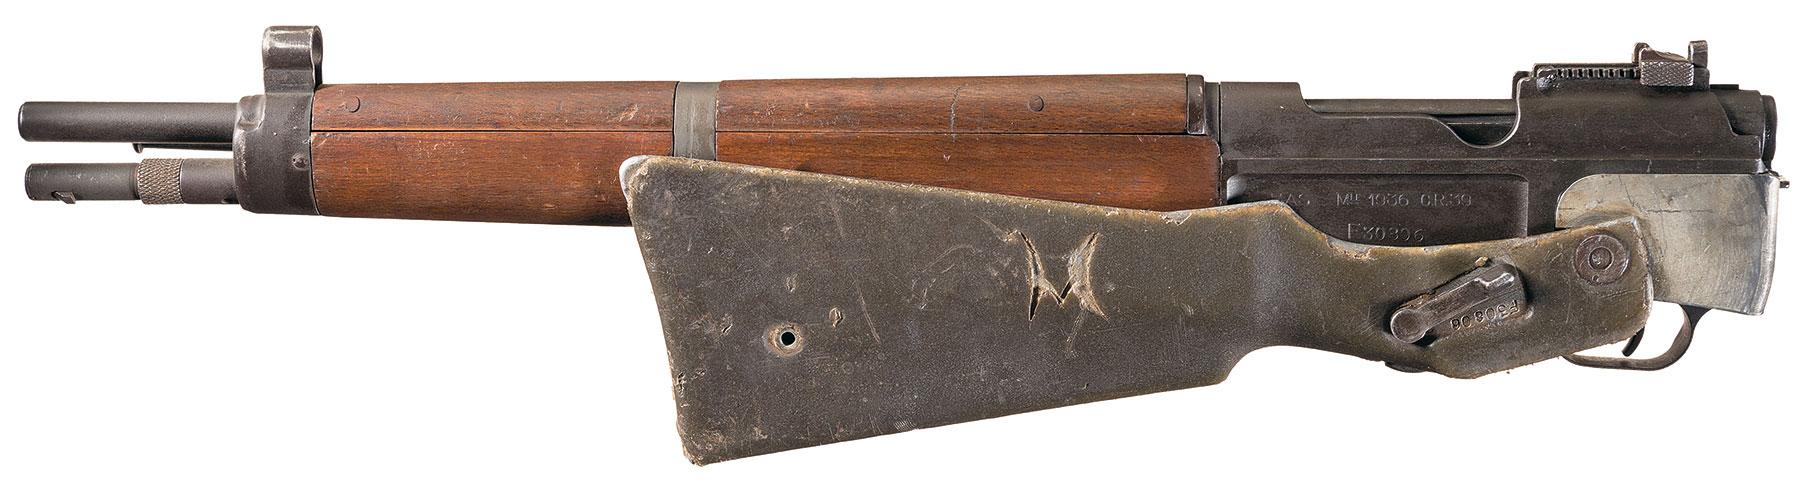 MAS 1936 Rifle 7 5x54mm